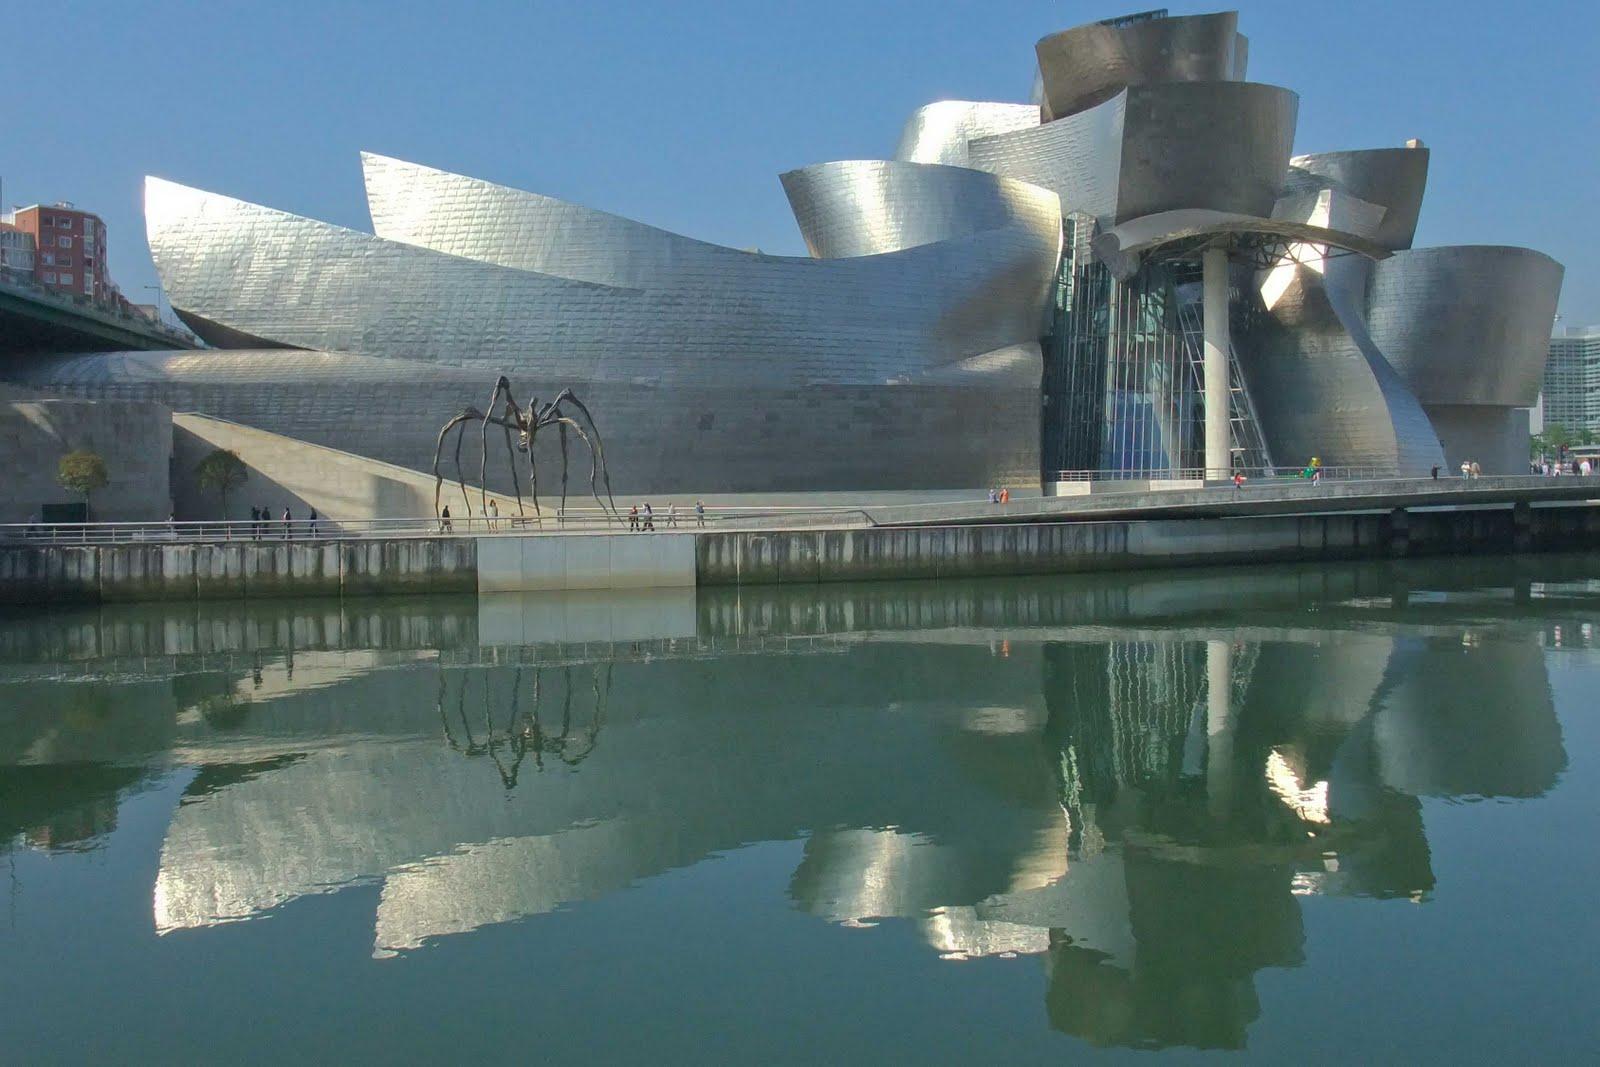 Guggenheim Museum – Bilbao, Spain | AEWORLDMAP.COM (2,110 posts)